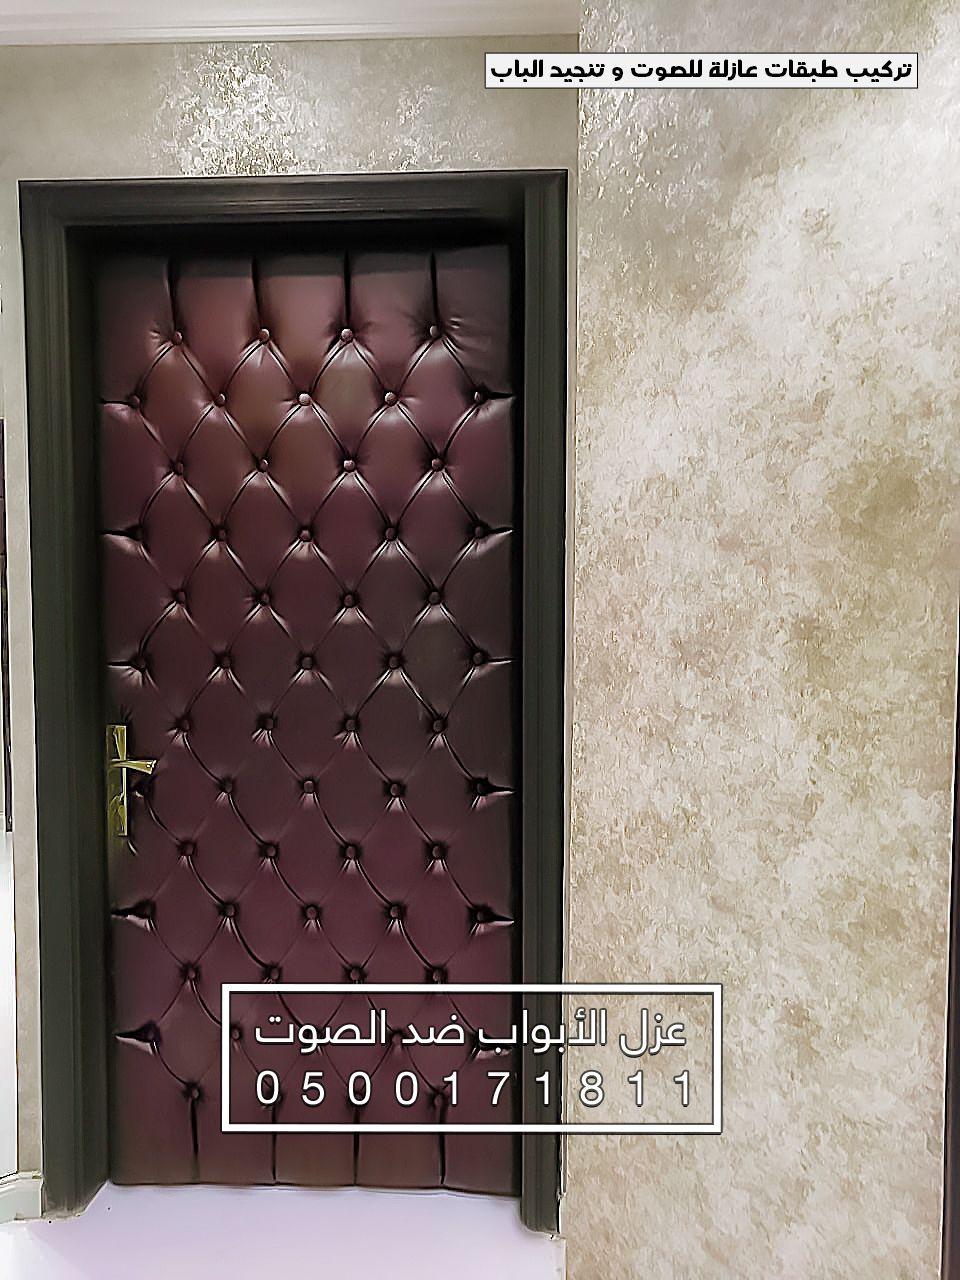 كتم الصوت و حل مشكلة خروج الصوت من الأبواب الرياض Home Decor Home Decor